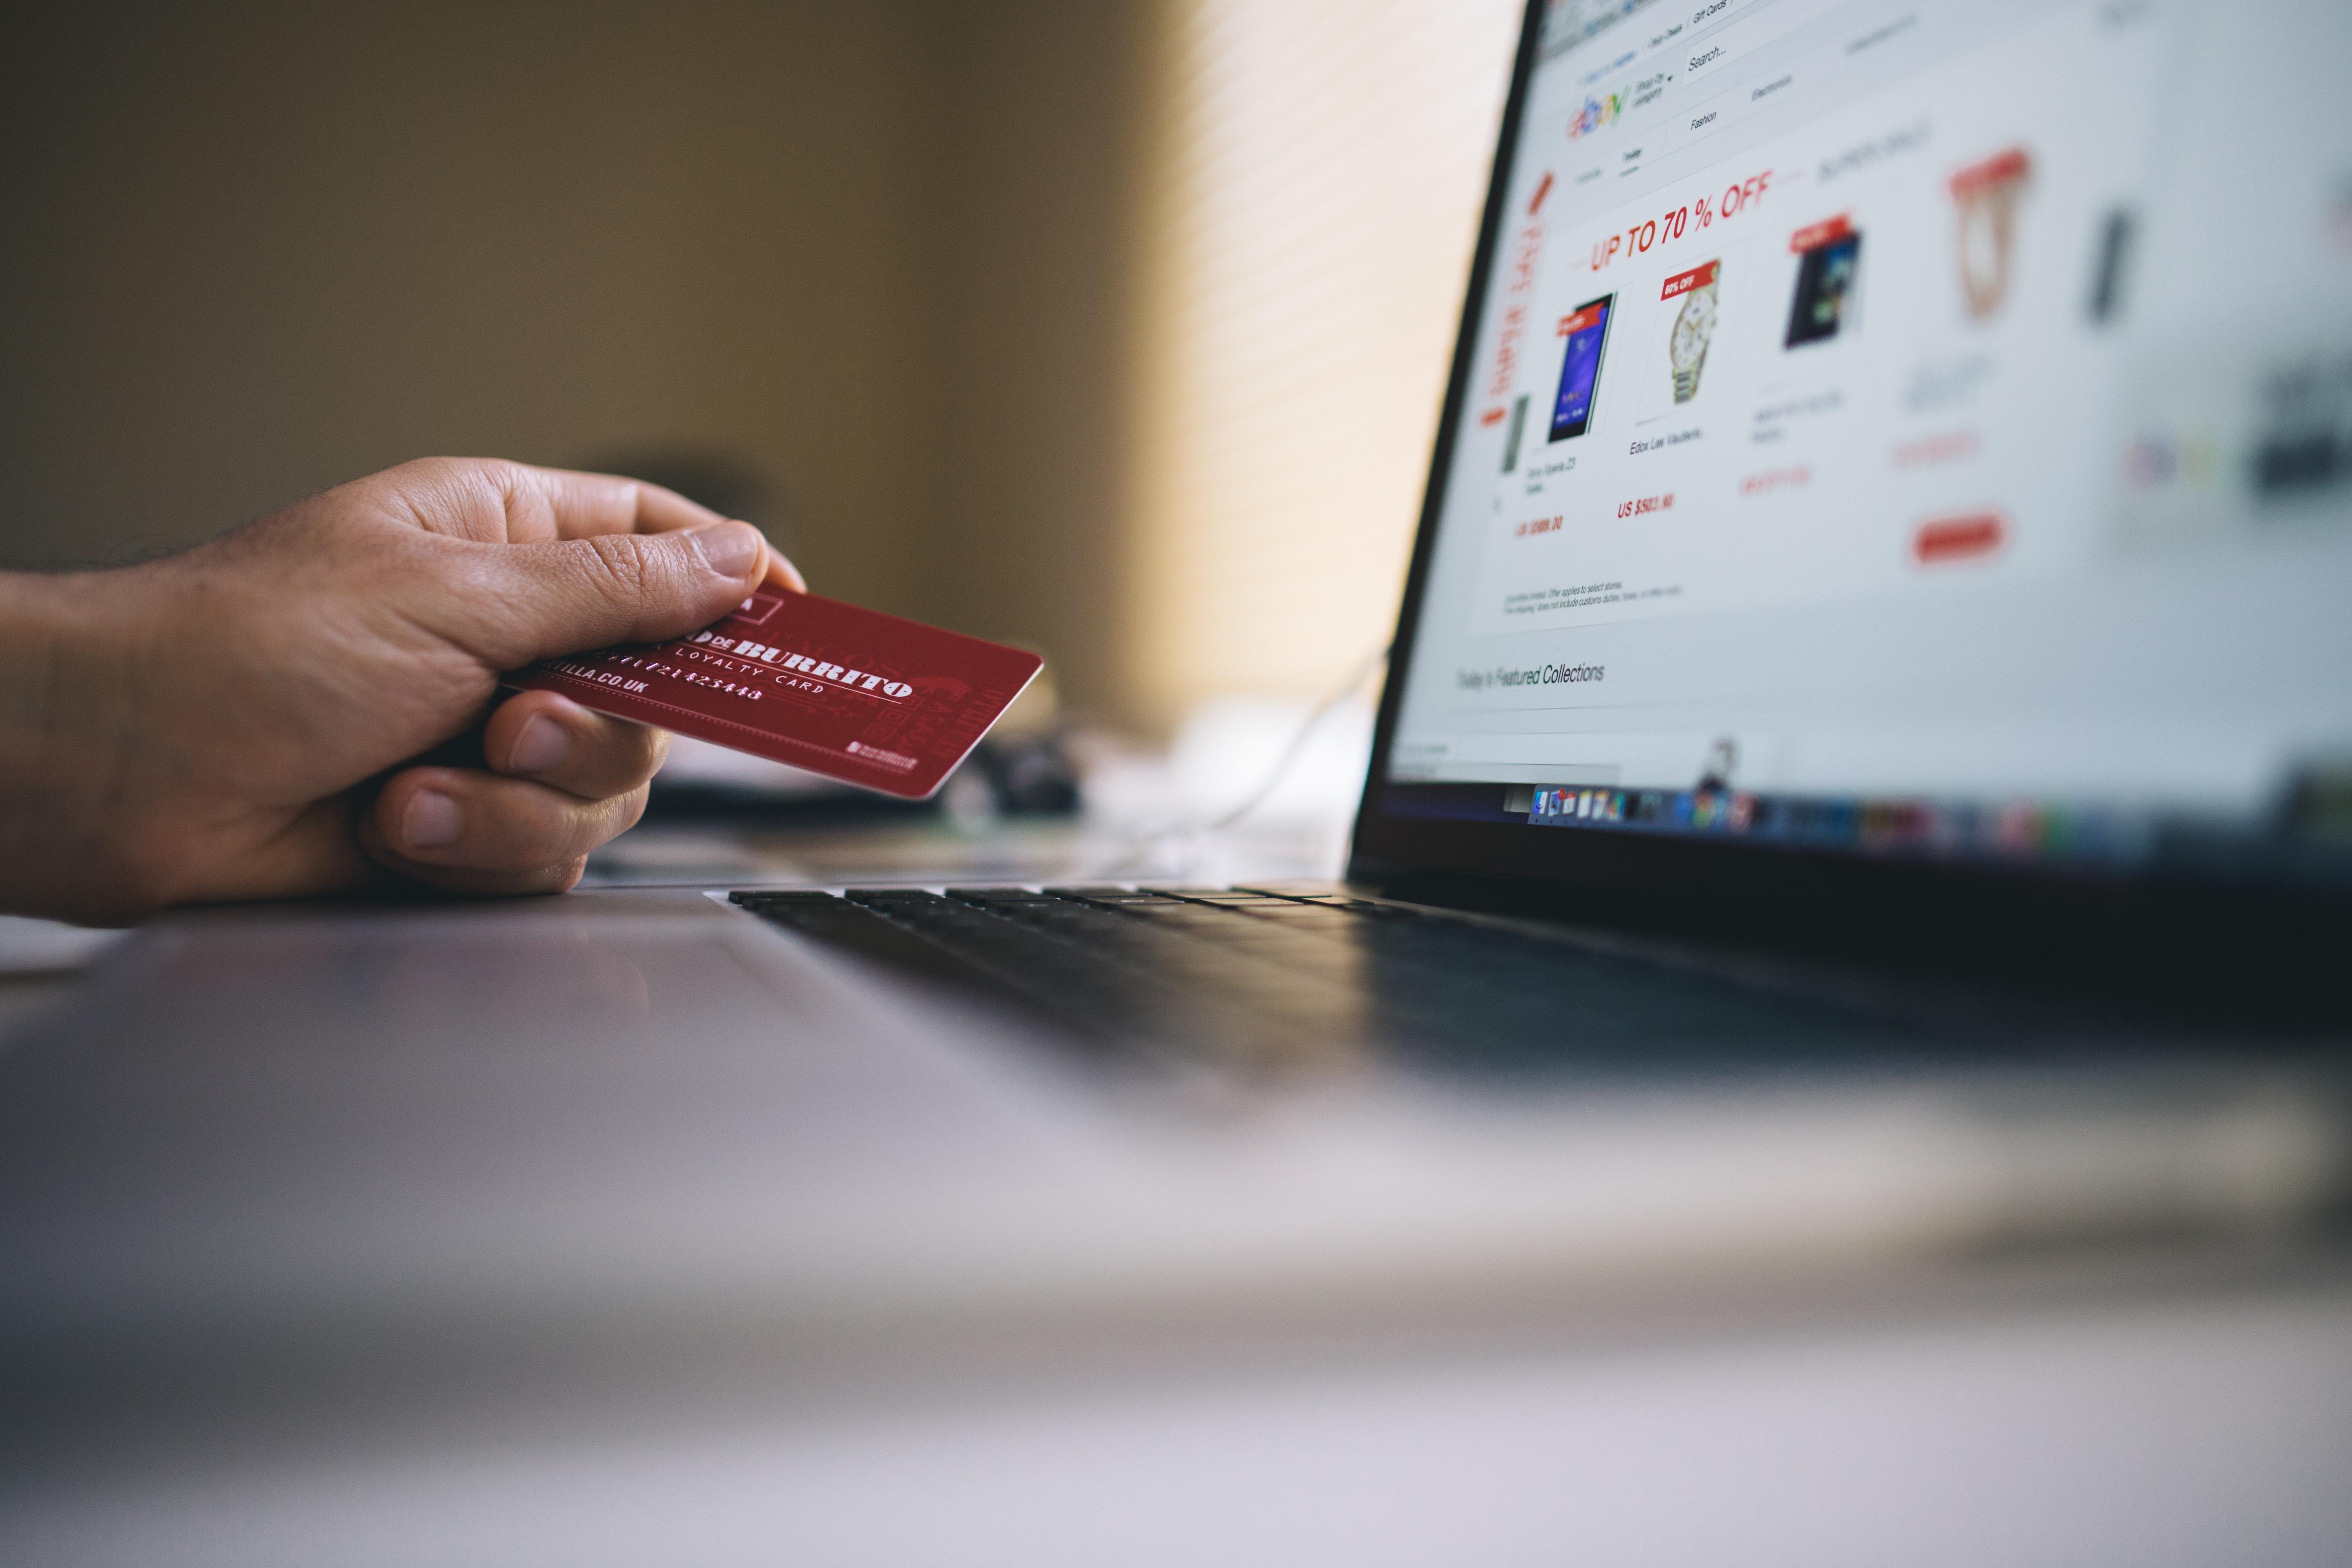 Ứng dụng marketing online trong kinh doanh là giải pháp ngành nội thất